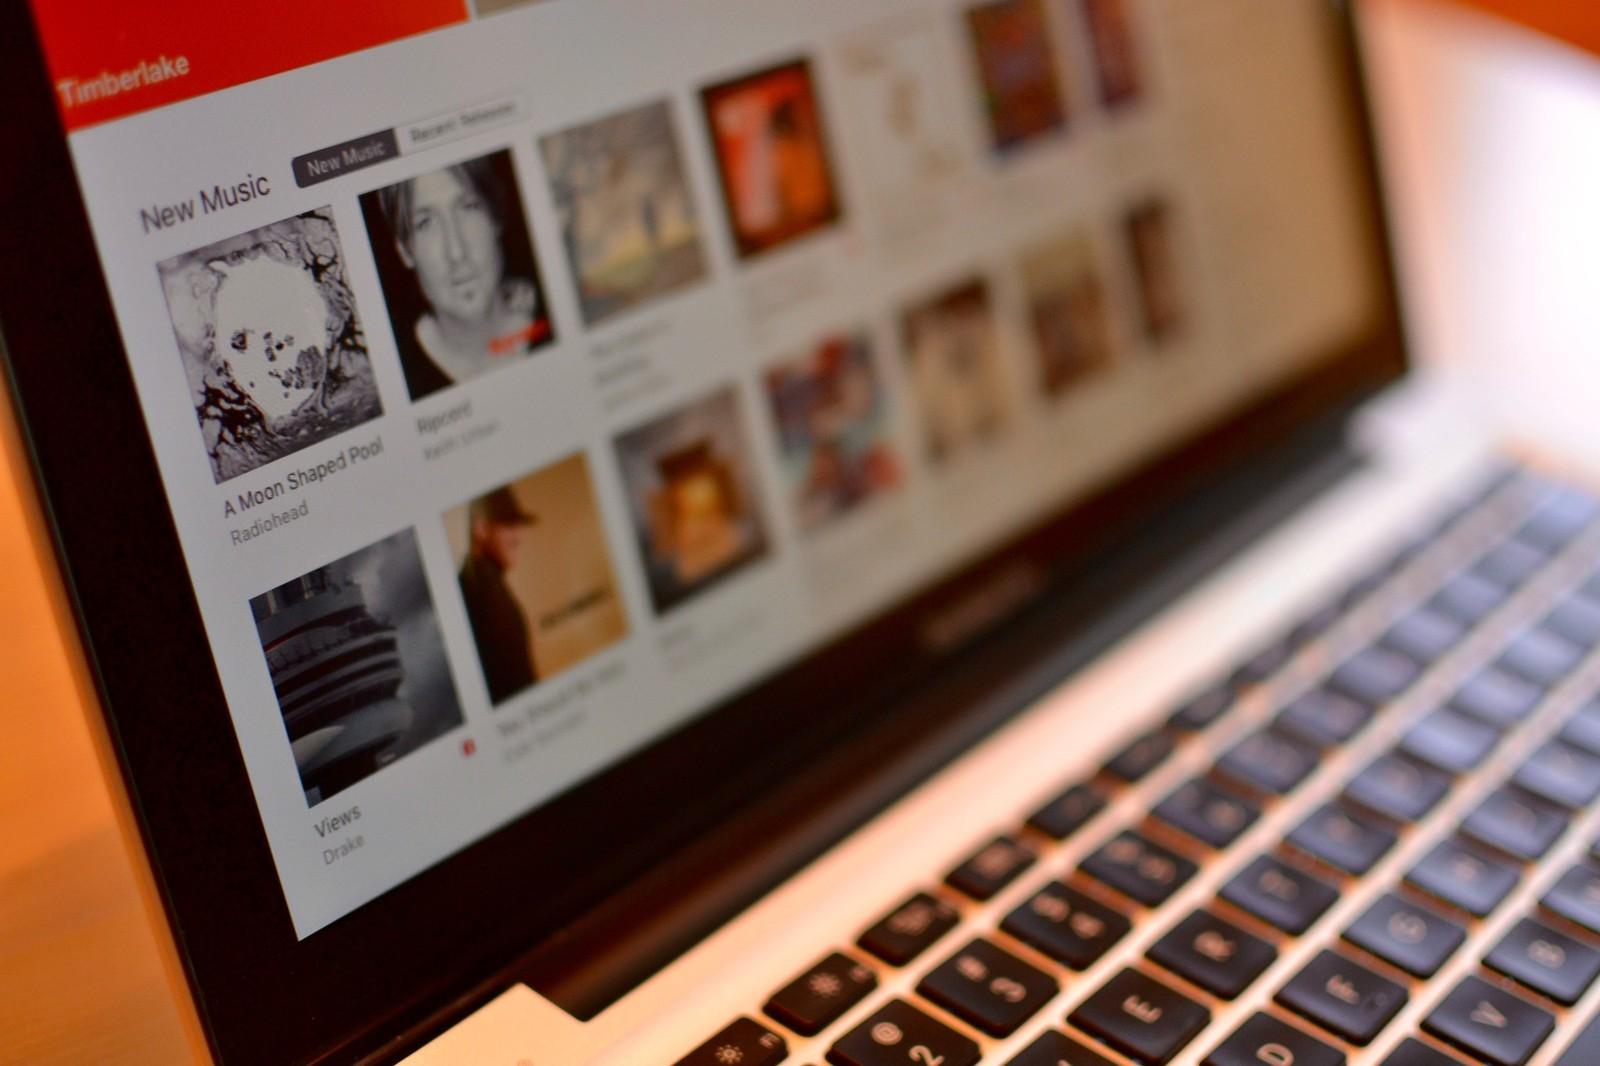 Bug iTunes che elimina la musica, Apple prepara l'aggiornamento